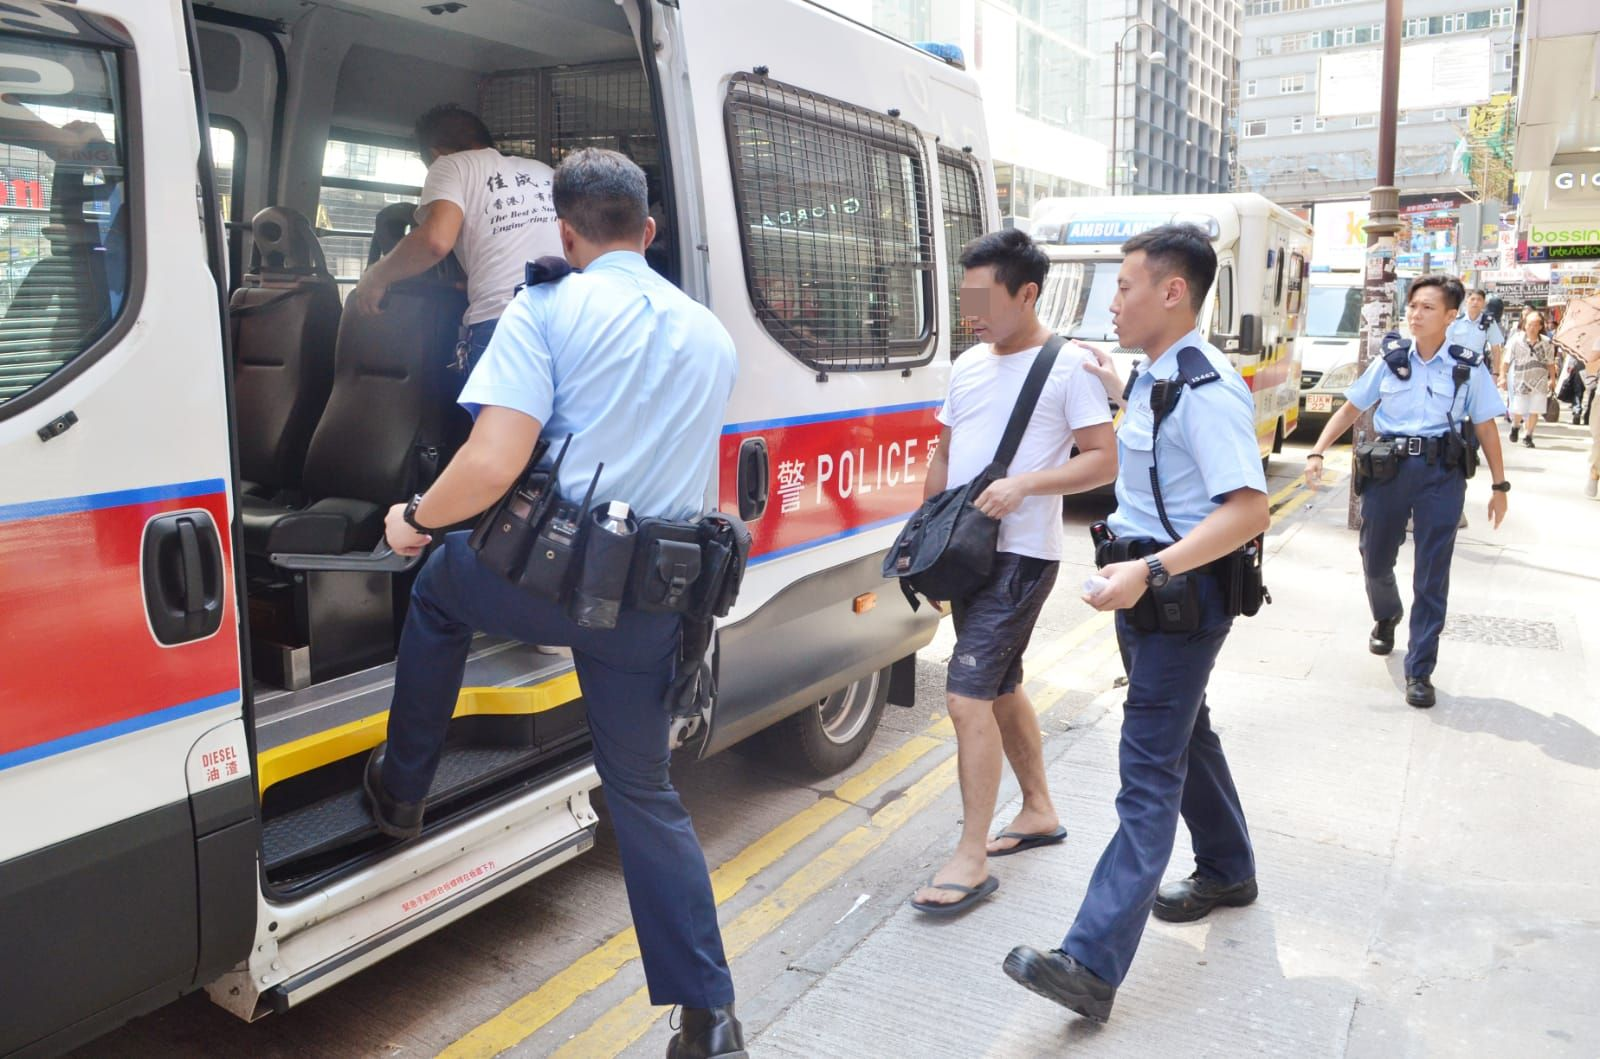 警方以公眾地方打架罪名,合共拘捕3人。林思明攝